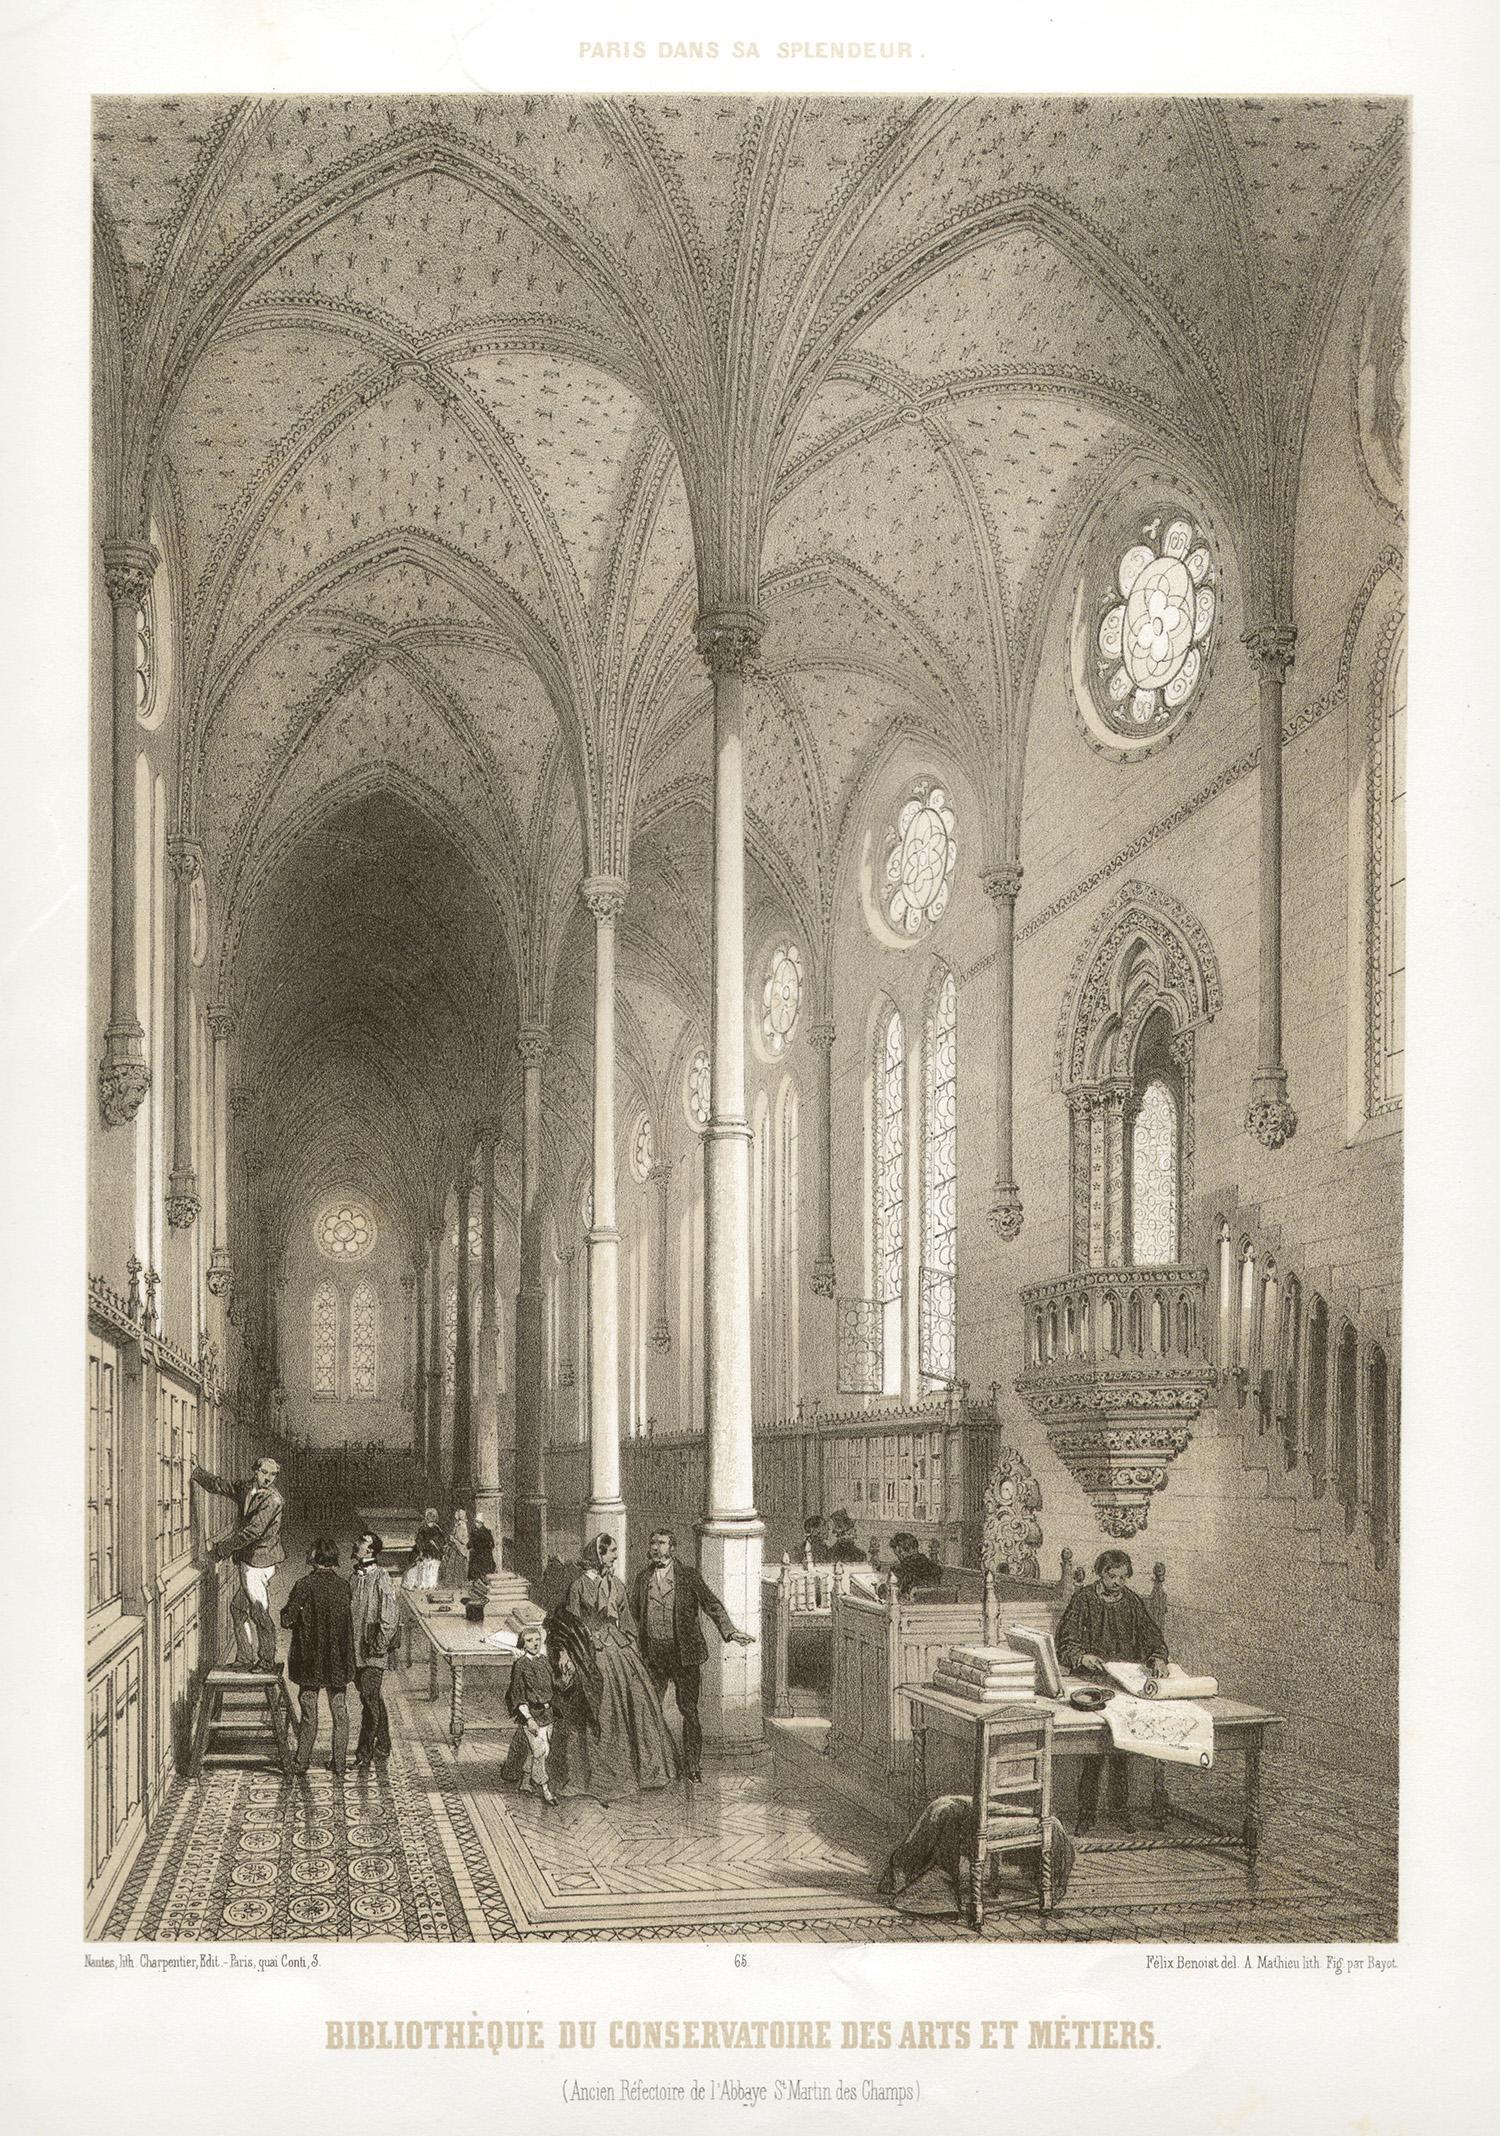 Paris - Bibliotheque du Conservatoire des Arts et Metiers, lithograph, 1861